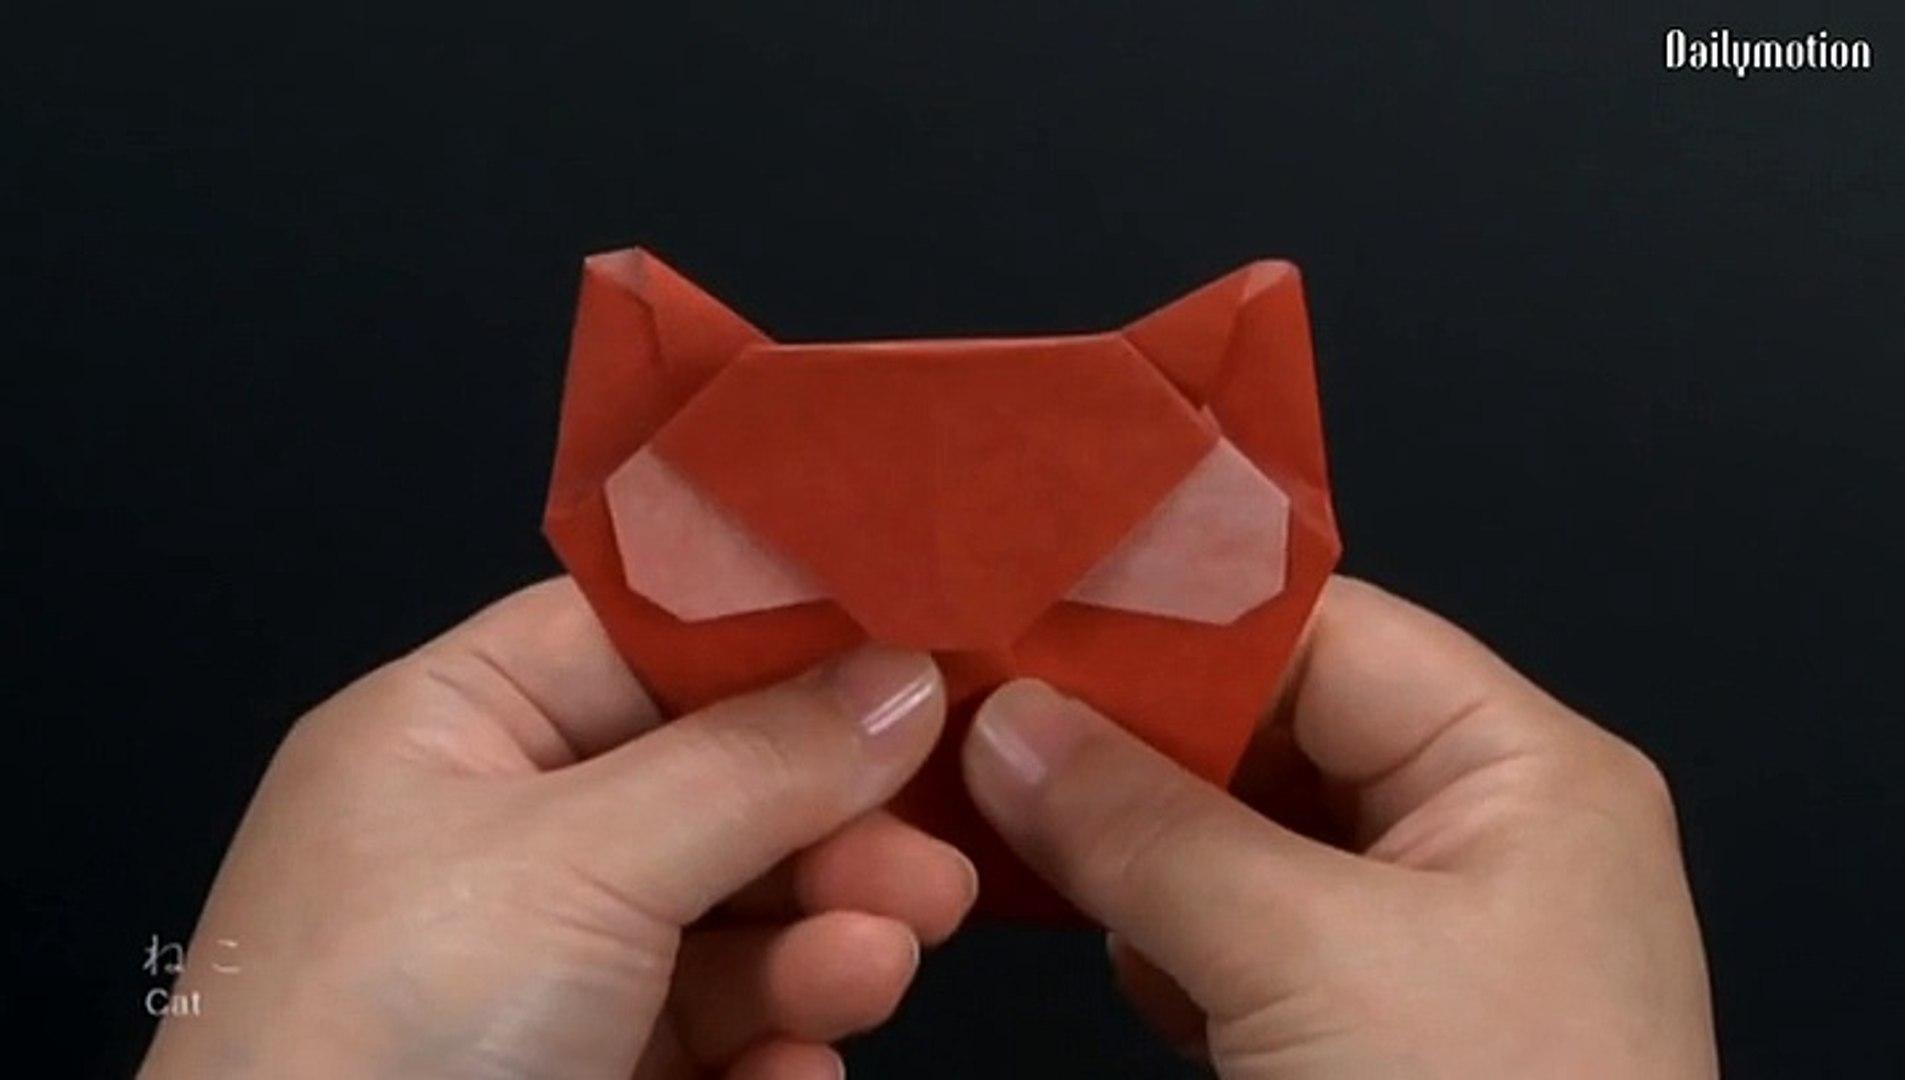 Origami for beginner #5 - Flower - 動画 Dailymotion | 1080x1905